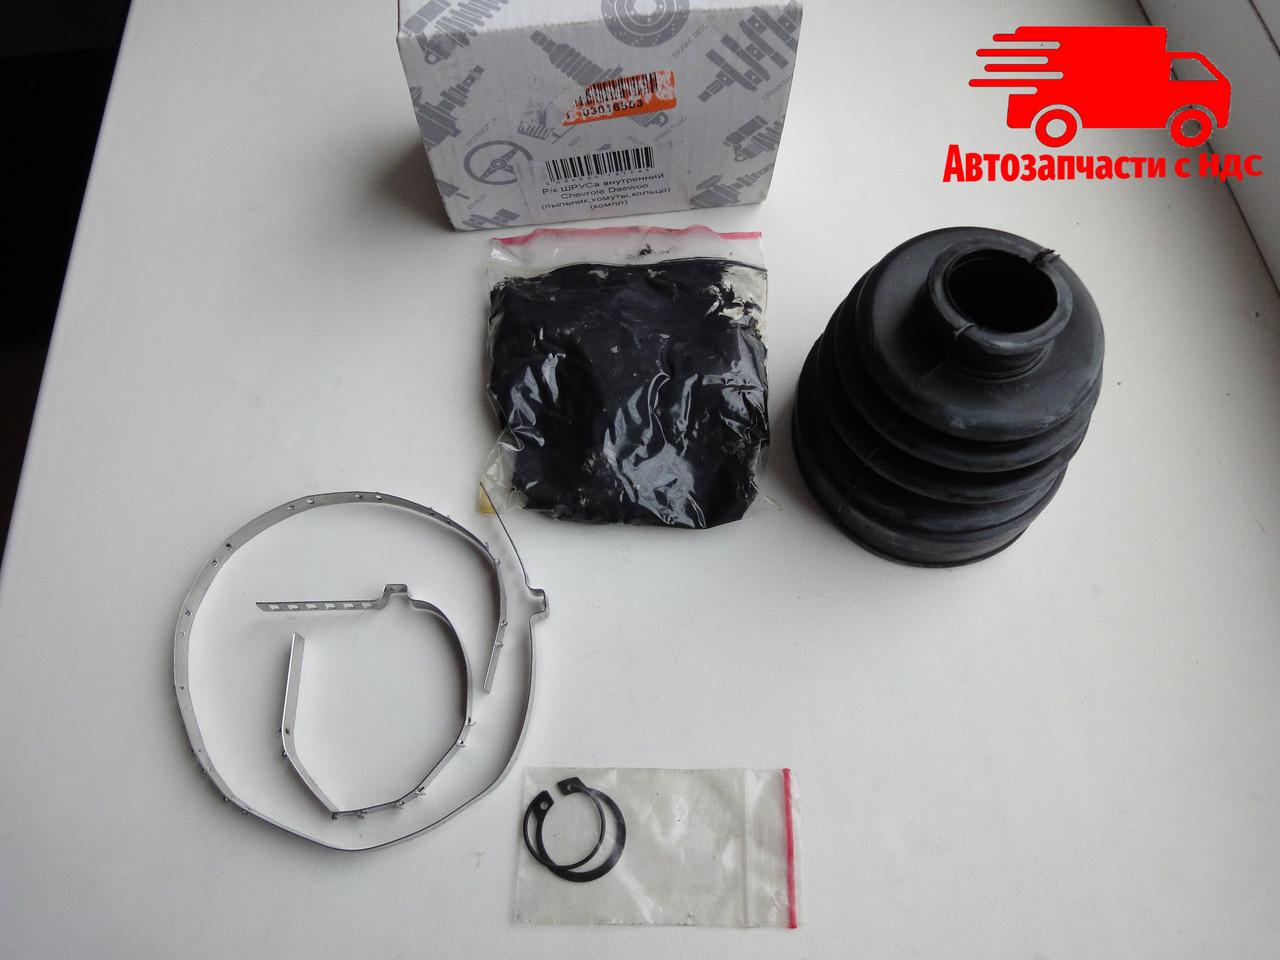 Пыльник гранаты, ШРУСа внутреннего Daewoo (Lanos, Nexia) (пыльник, хомуты, кольцо, смазка)